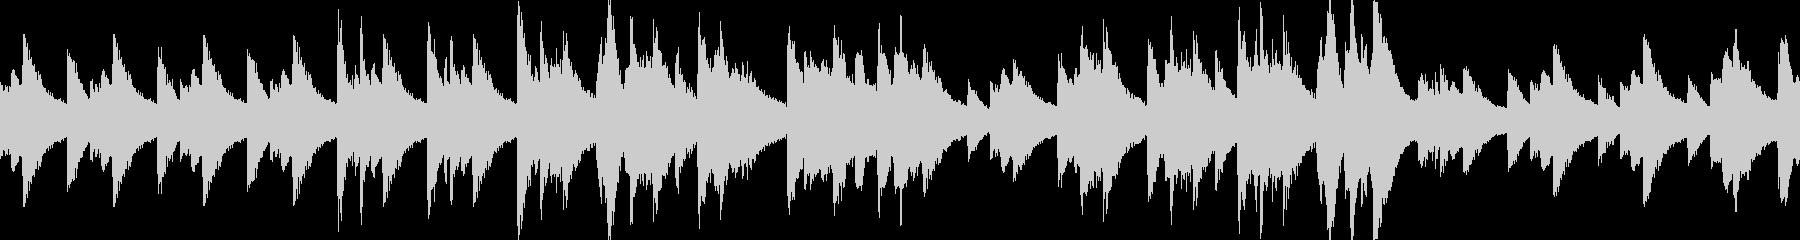 悲しいピアノ曲(LOOP対応)の未再生の波形